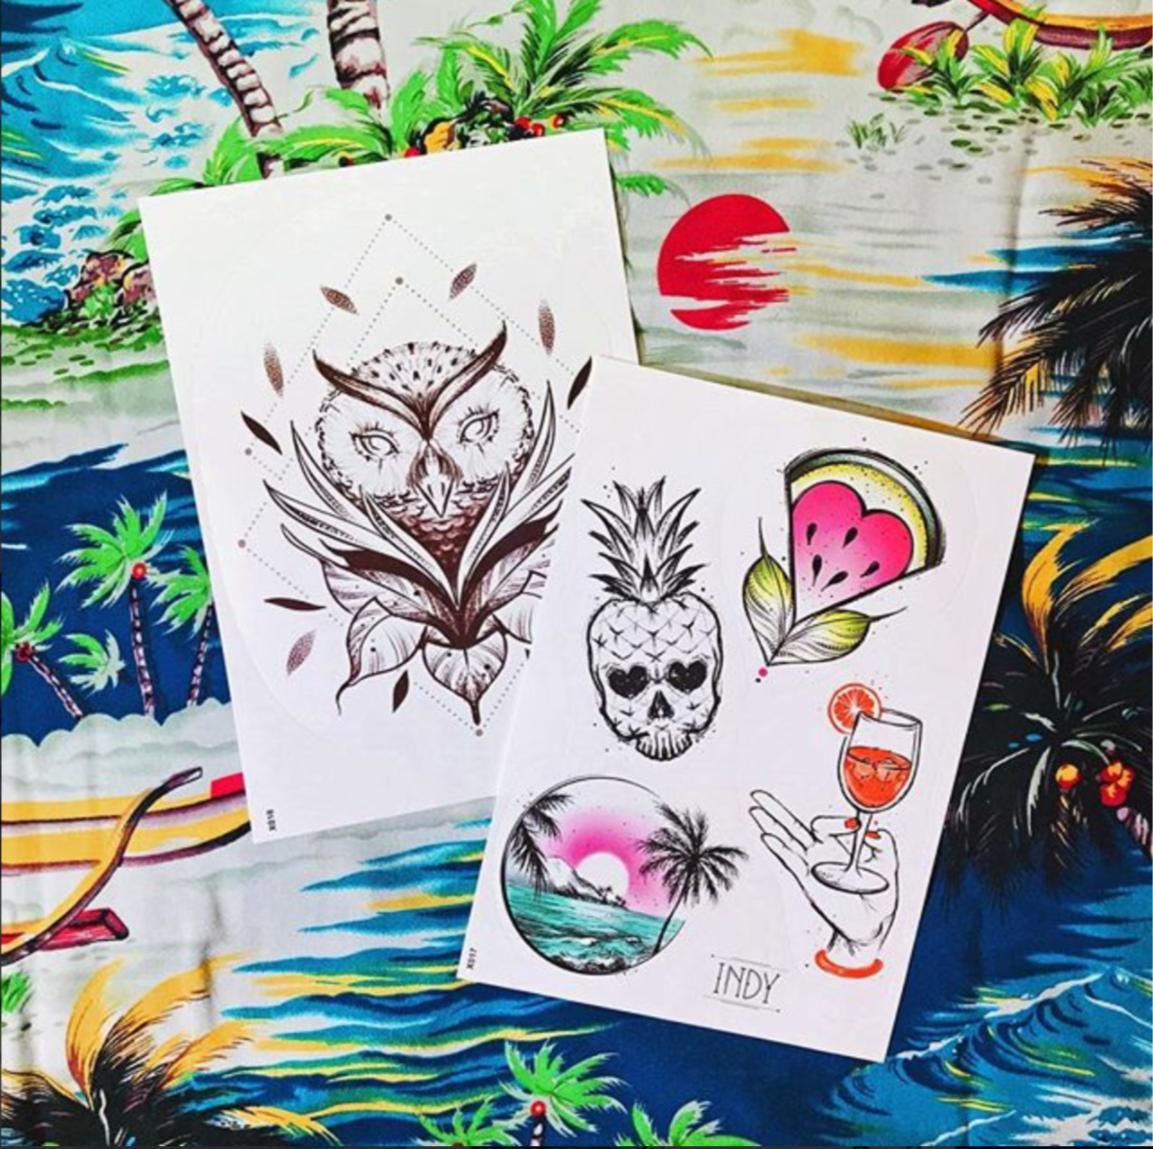 tattoo tatouage temporaire ephemere owl trash summer paris cannes été